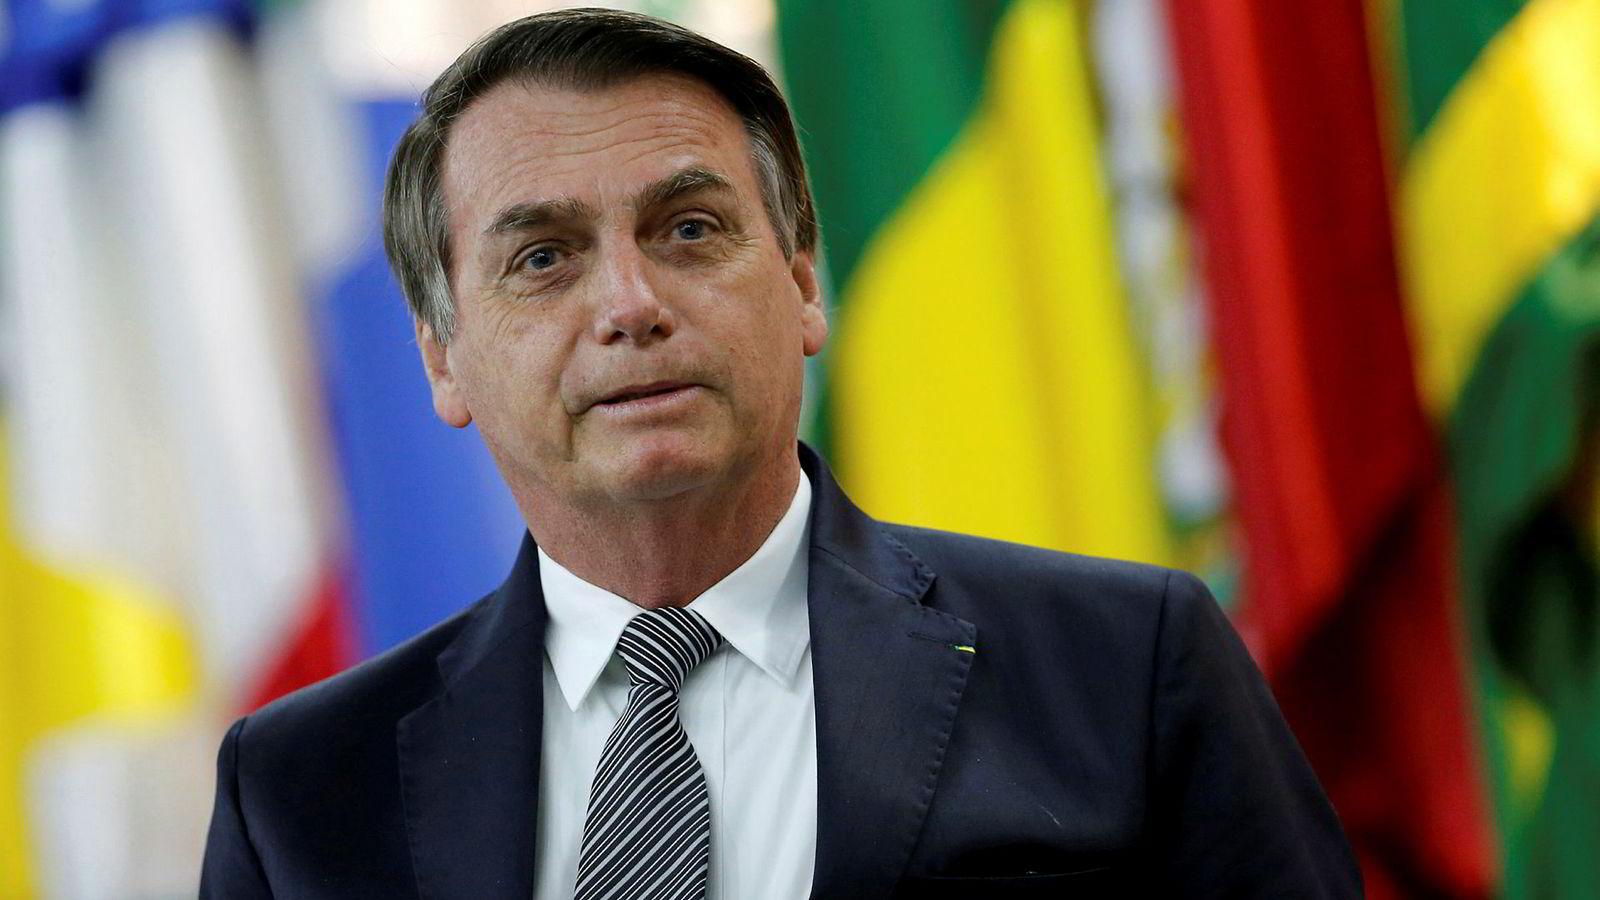 Brasils president Jair Bolsonaro takker nei til den økonomiske støtten fra G7-landene til å bekjempe brannene i regnskogen Amazonas.